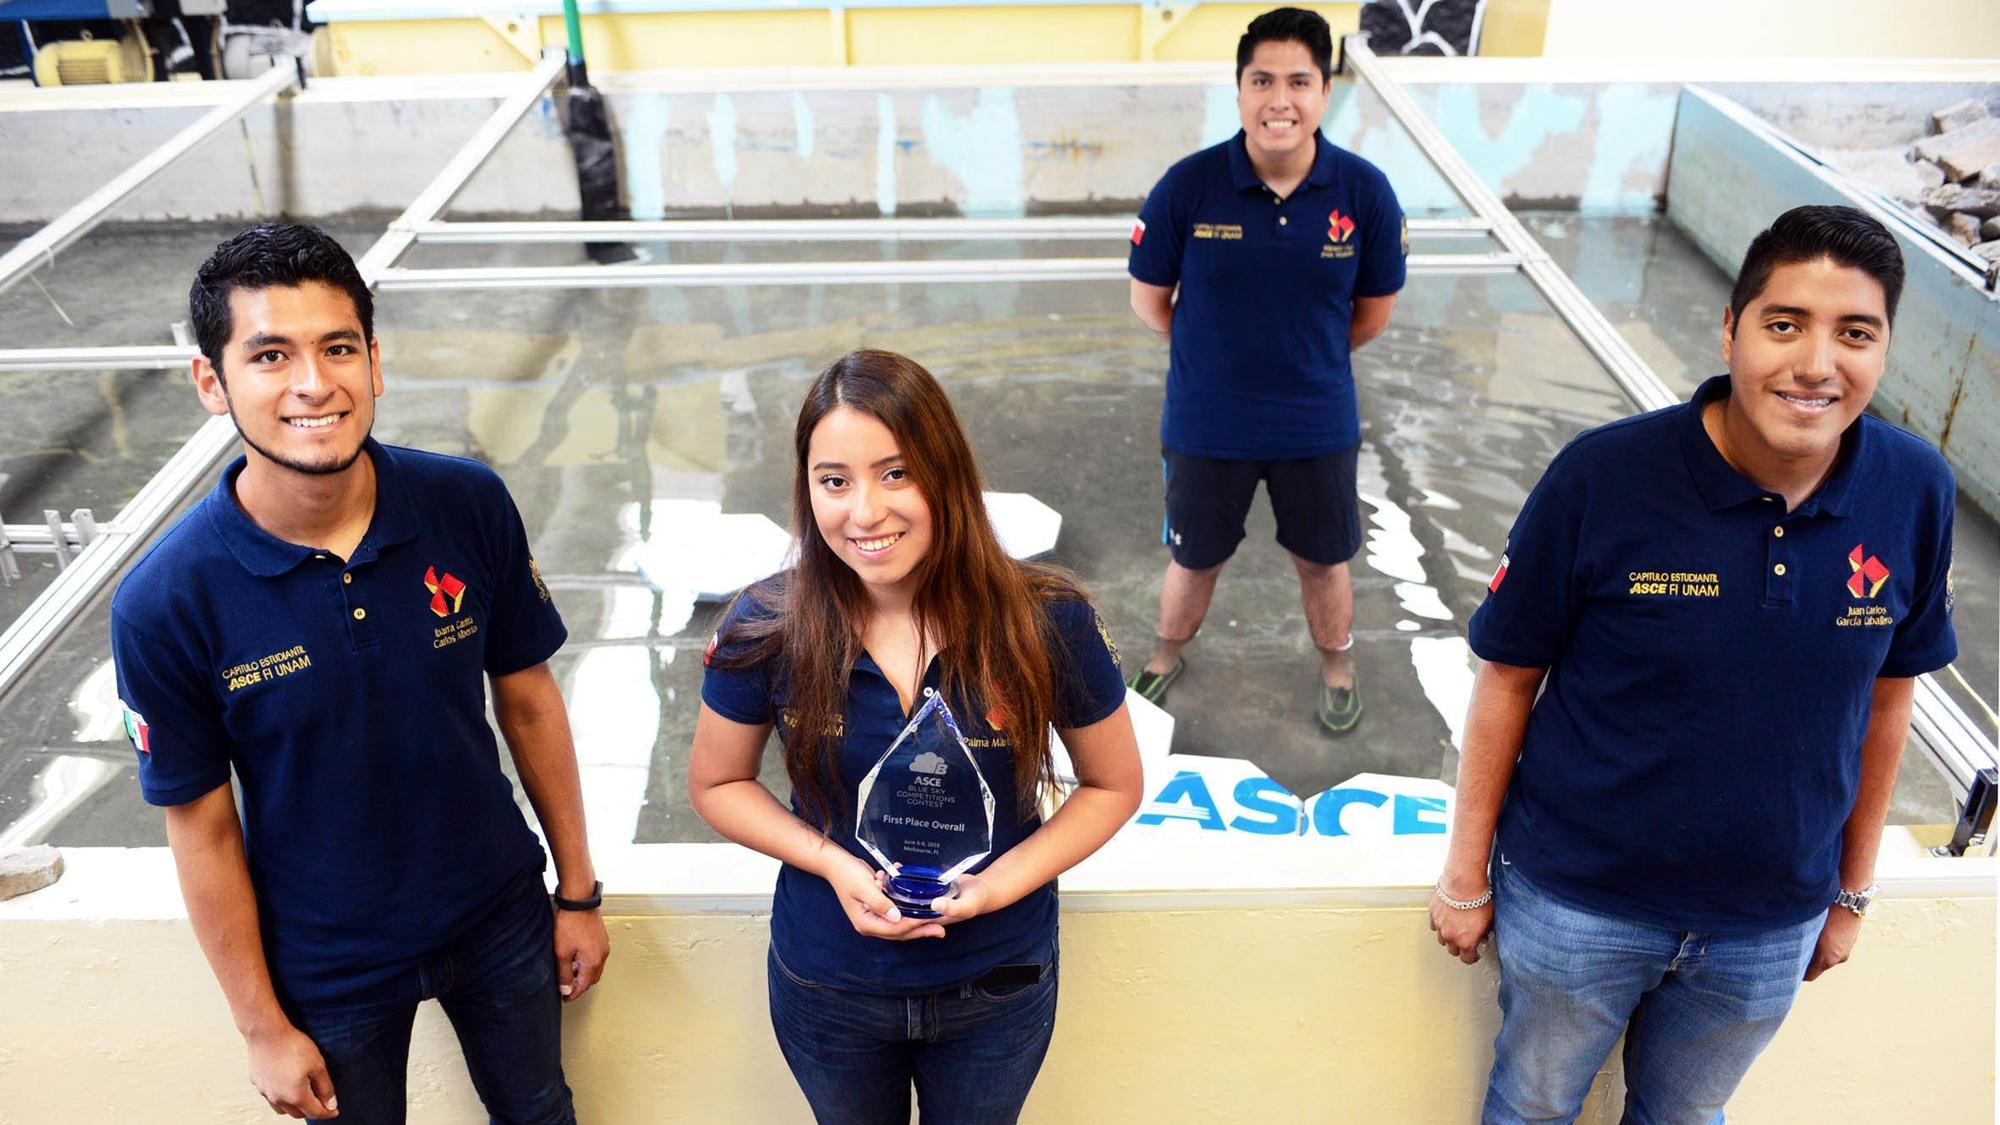 Estudiantes de la UNAM ganan concurso de ingeniería civil en EU